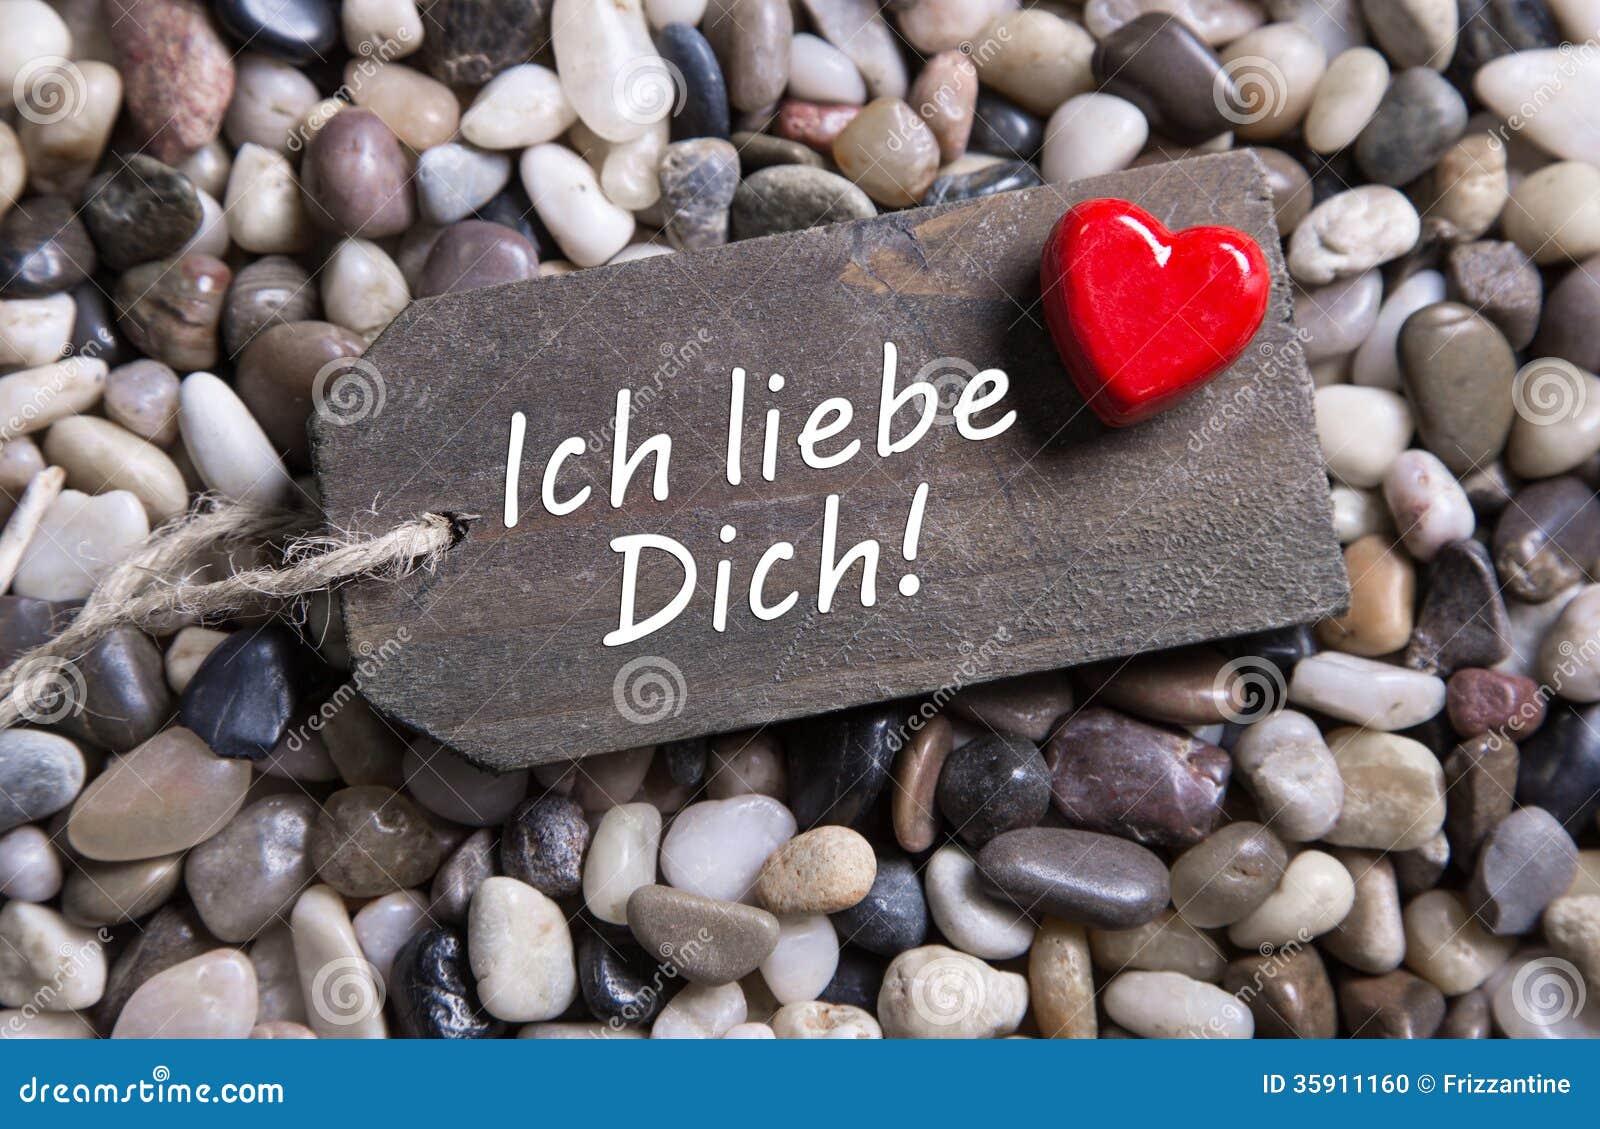 ich liebe dich karte mit deutschem text und ein rotes herz auf einem h lzernen sig stockfoto. Black Bedroom Furniture Sets. Home Design Ideas